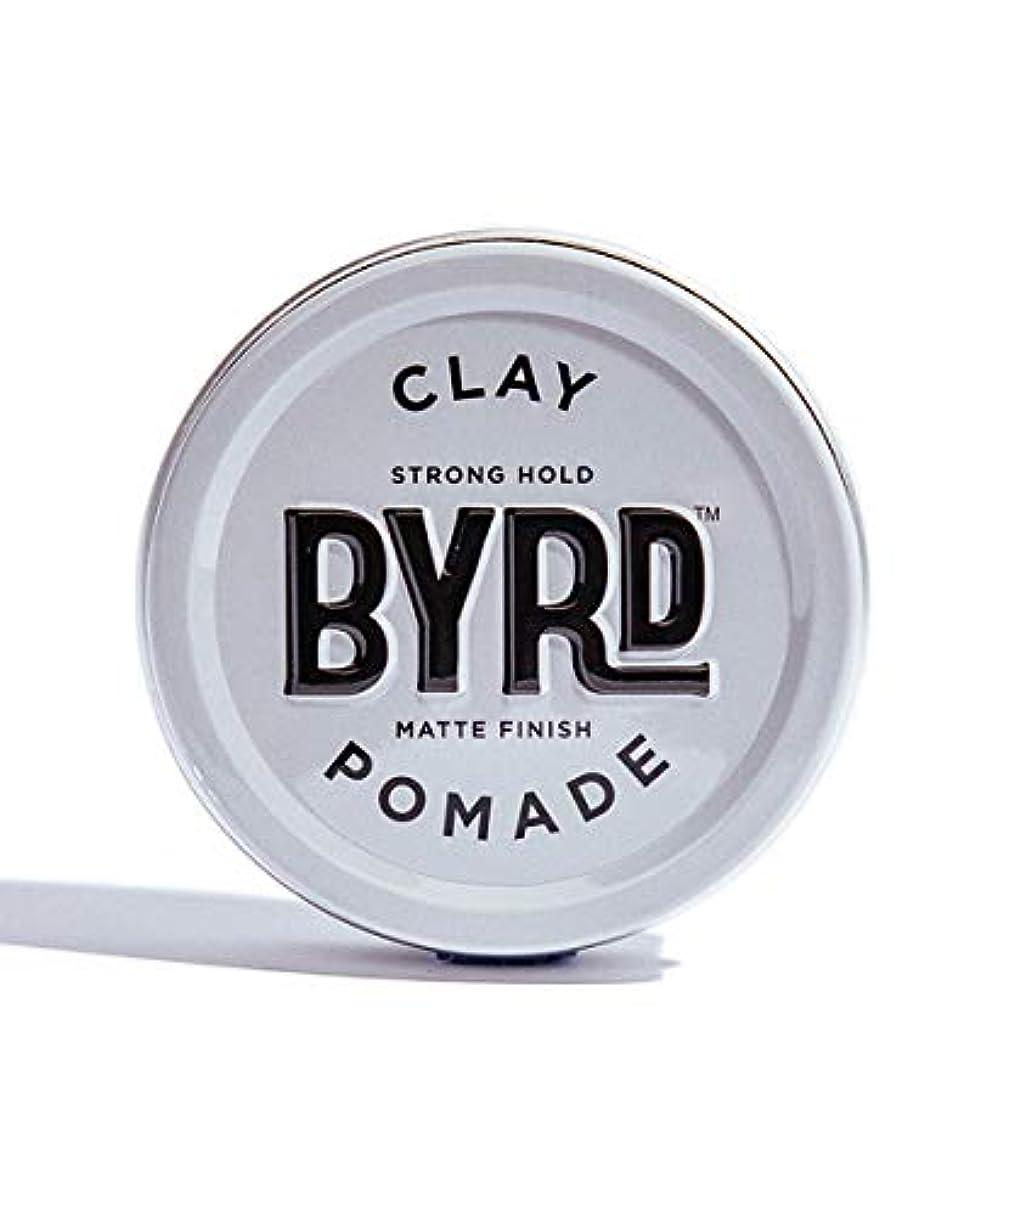 ただ地元裏切り者BYRD/クレイポマード 95g メンズコスメ ワックス ヘアスタイリング かっこいい モテ髪